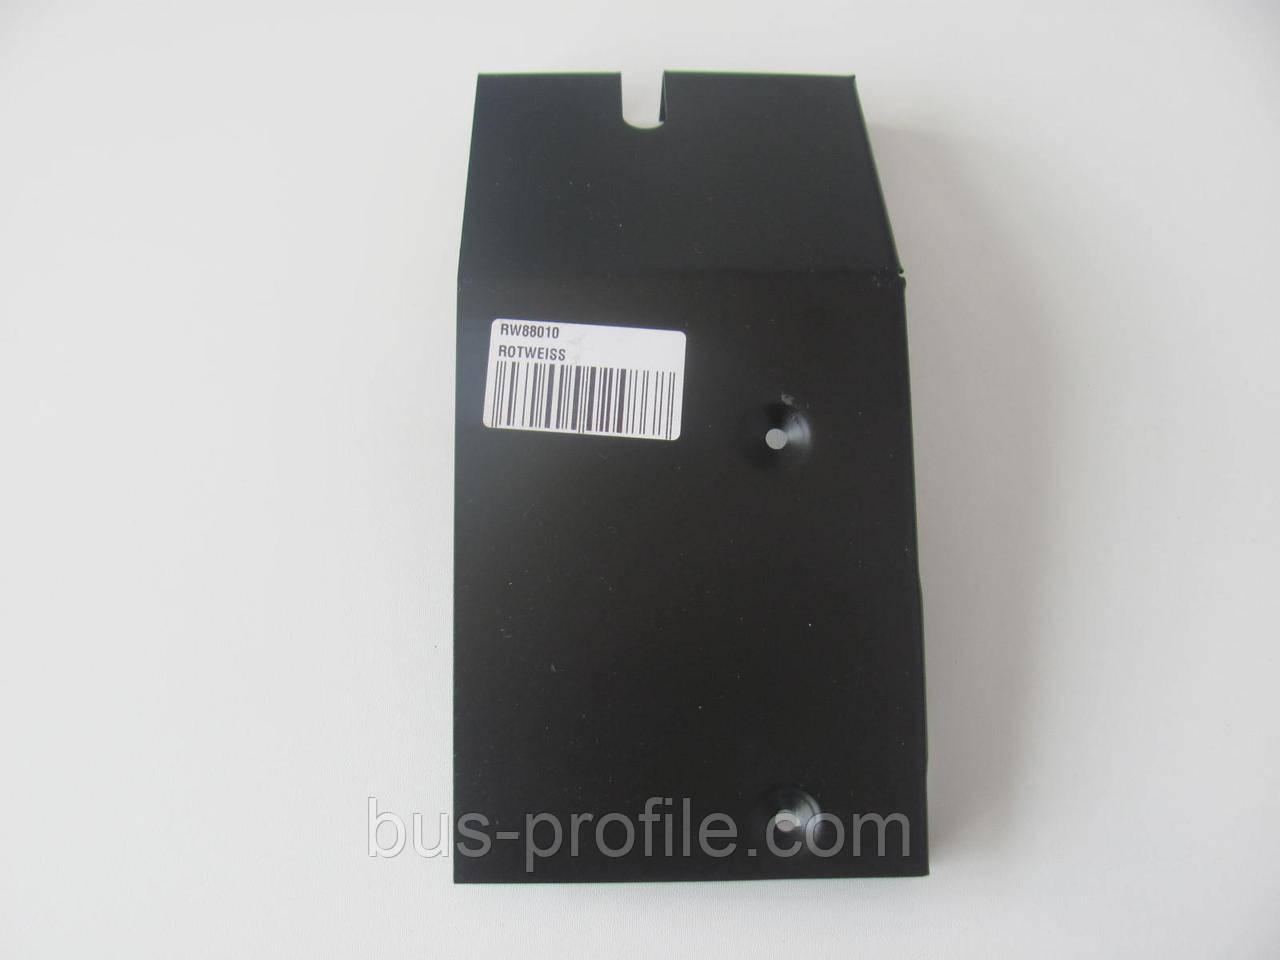 Крепление брызговика (заднего/L) MB Sprinter/VW LT (однокатков.) (9018820314) — ROTWEISS — RW88010